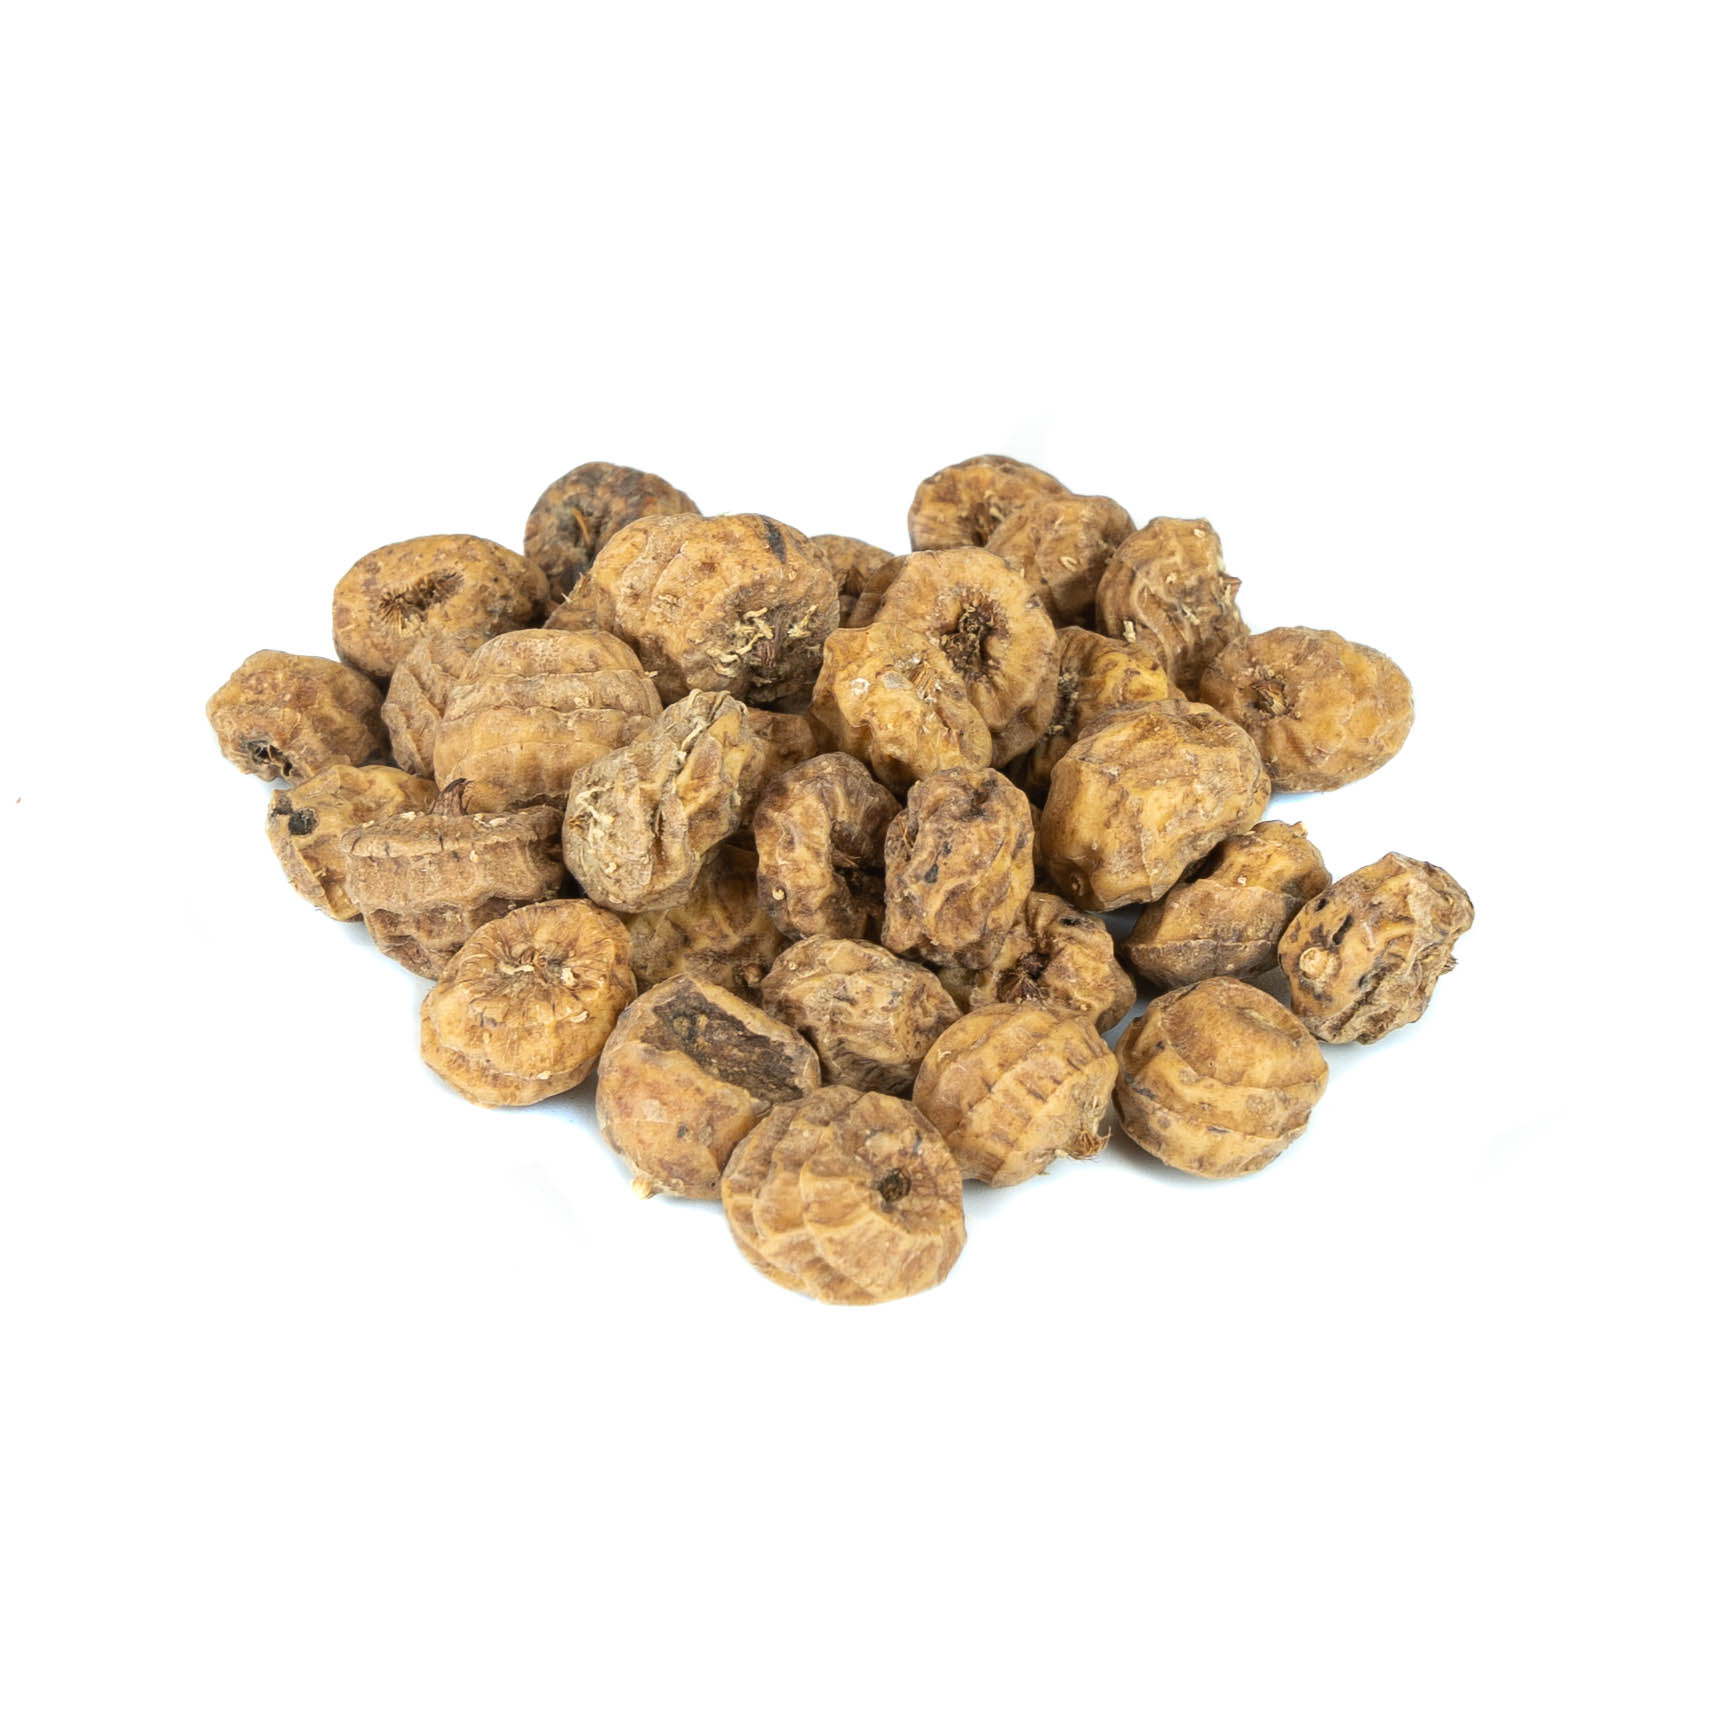 Partikl 10kg - Tygří ořech Jumbo